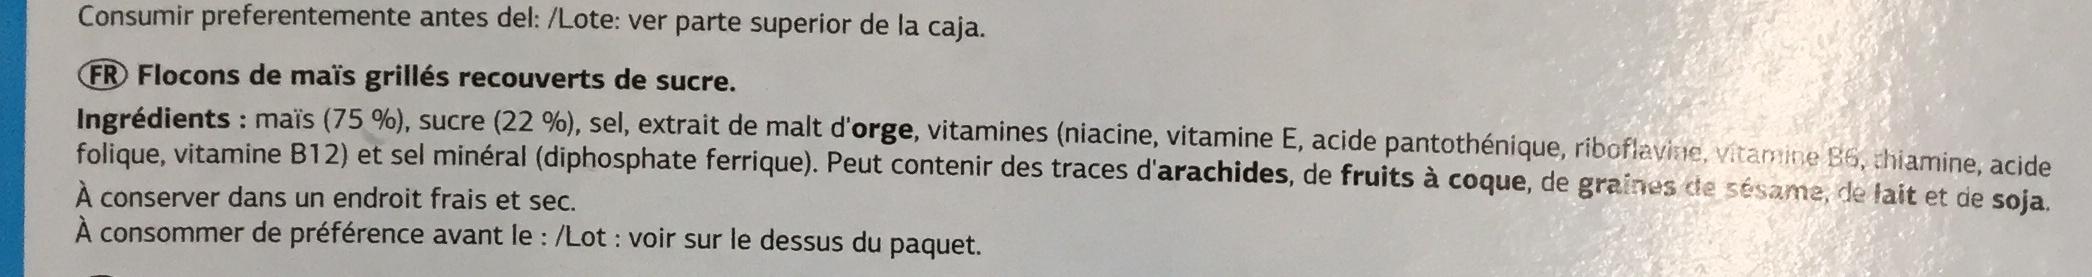 Tortera sugar - Ingredients - fr